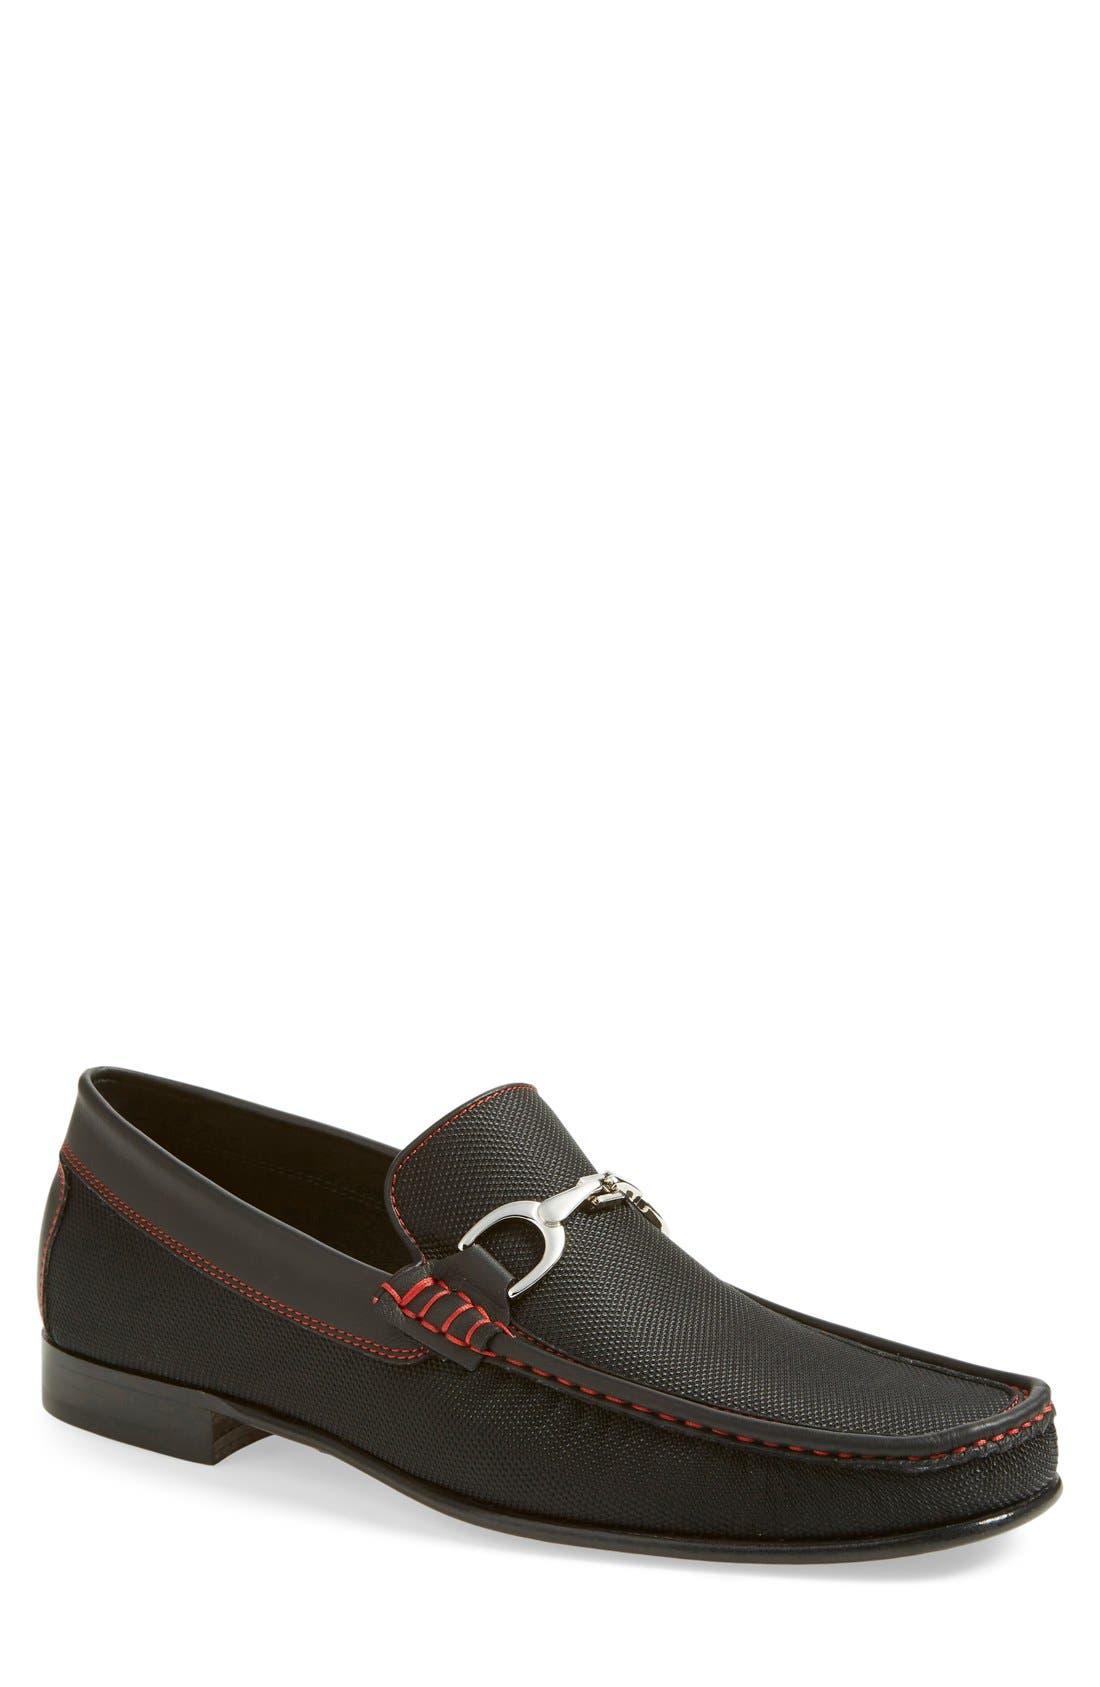 Darrin2 Bit Loafer,                         Main,                         color,